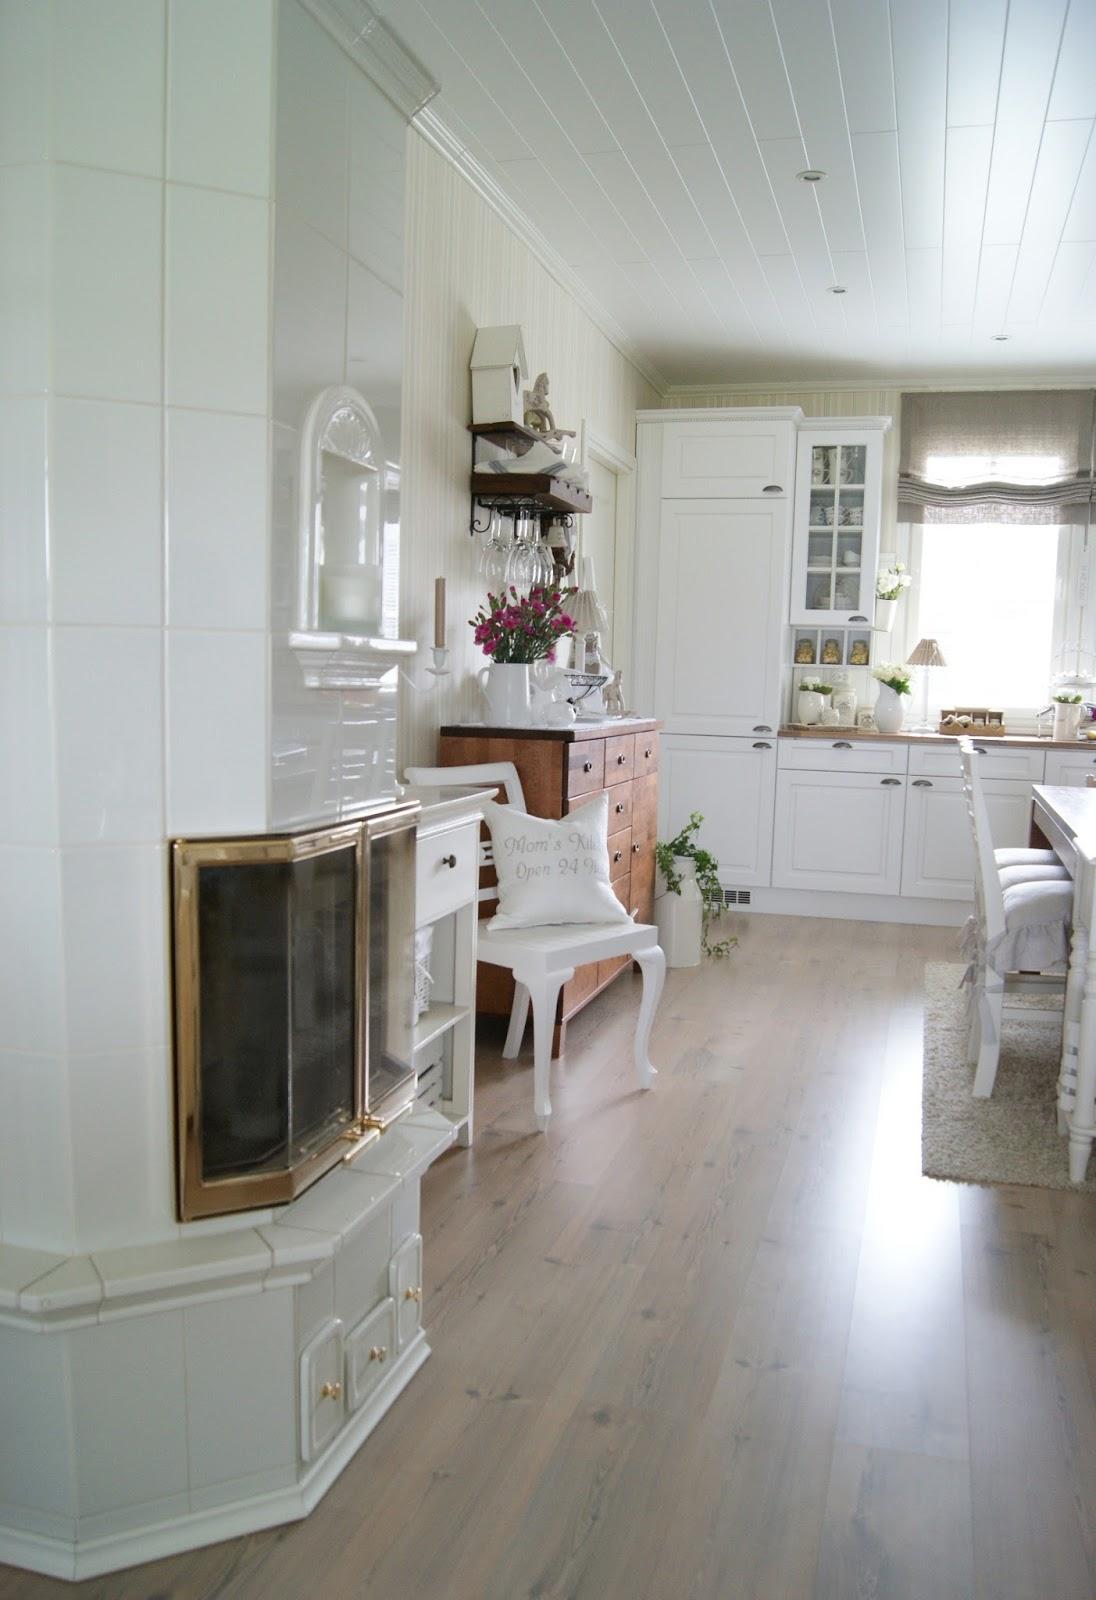 Inspirace kuchyňka - Obrázek č. 31